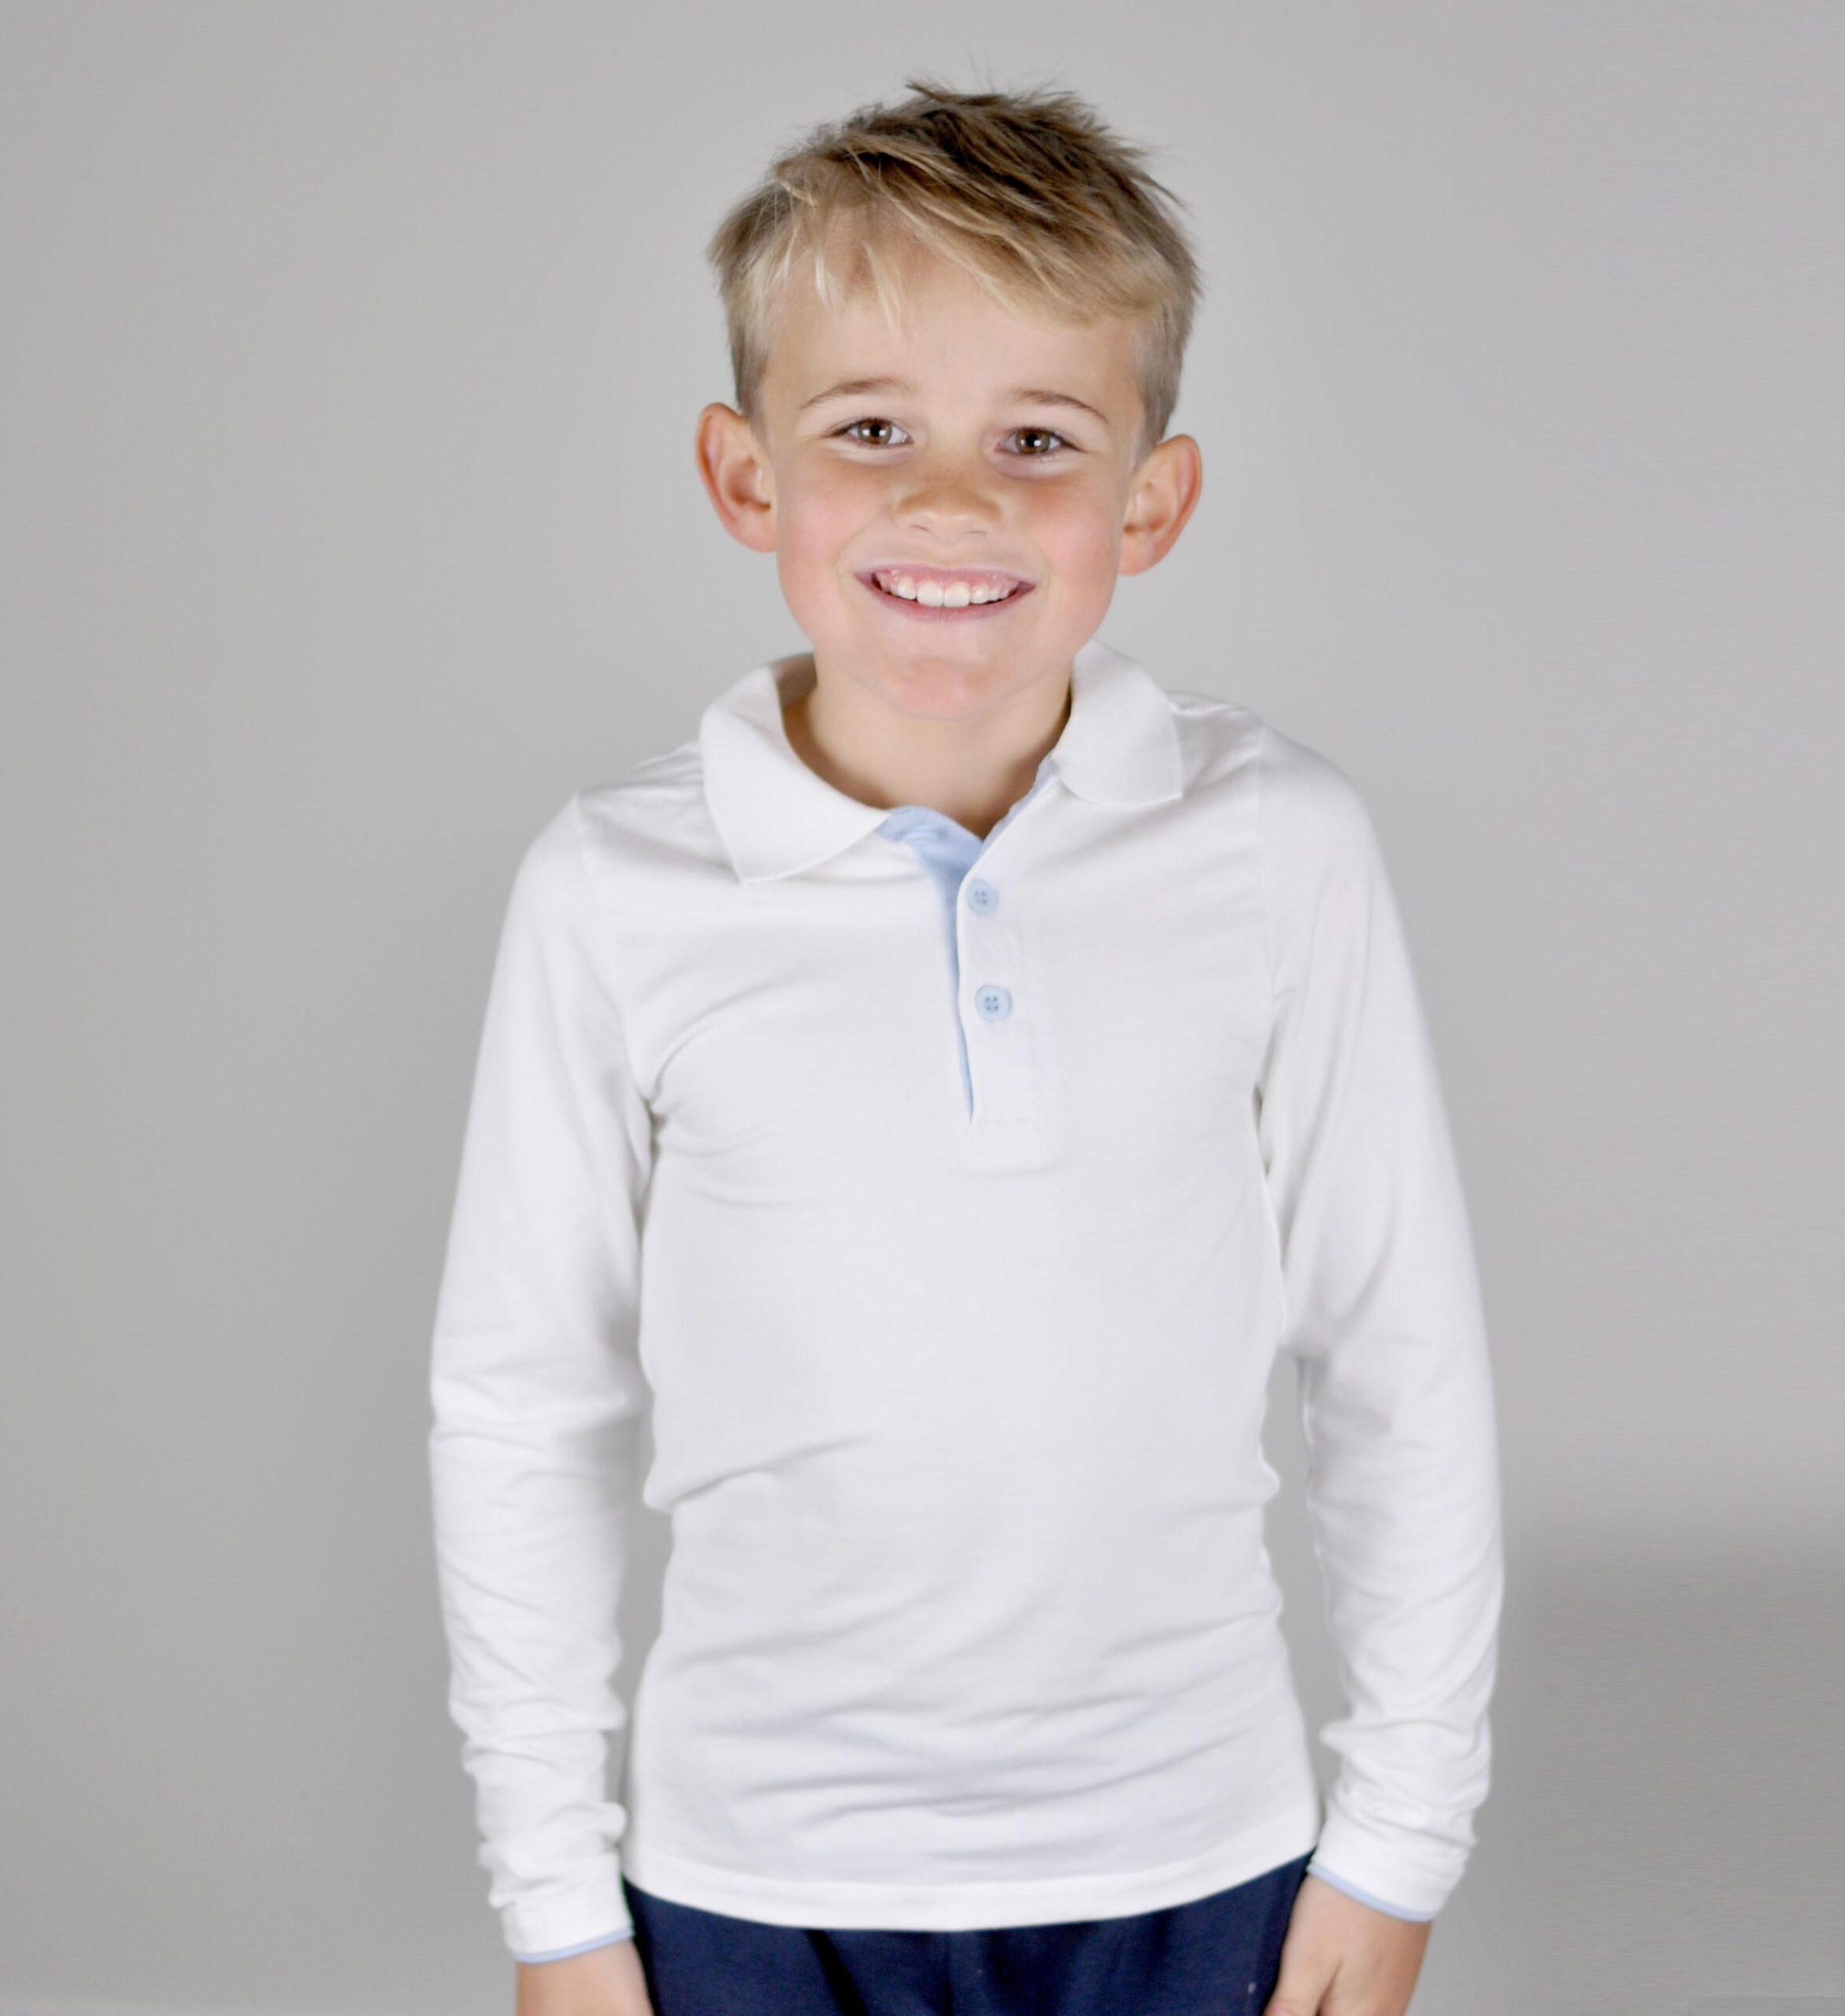 Skjortegenser - hvit med lyseblå - modell2